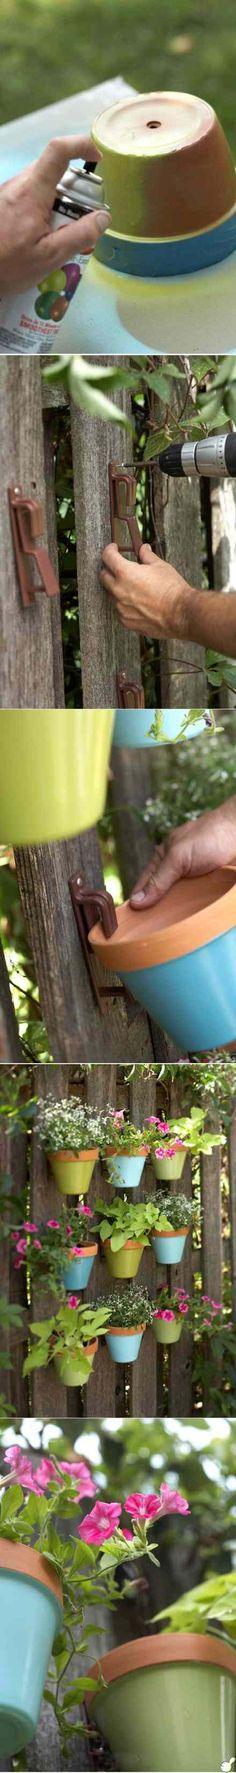 gartendeko selber machen bunte blumentöpfe zaun hängend diy